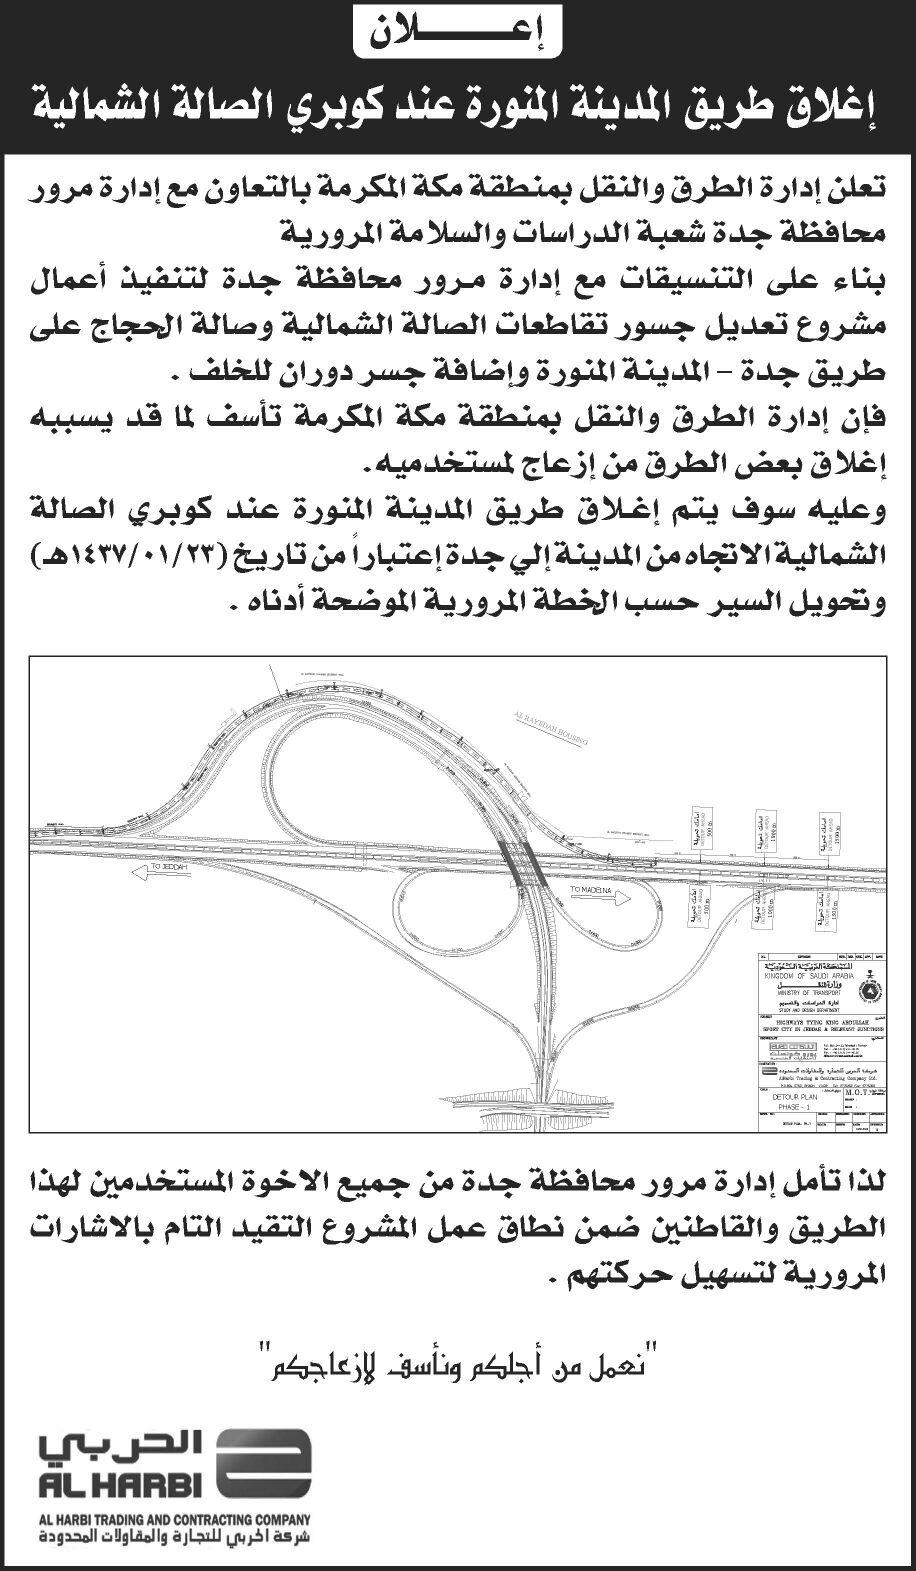 طريق المدينة المنورة بجوار كوبري الصالة الشمالية (2)